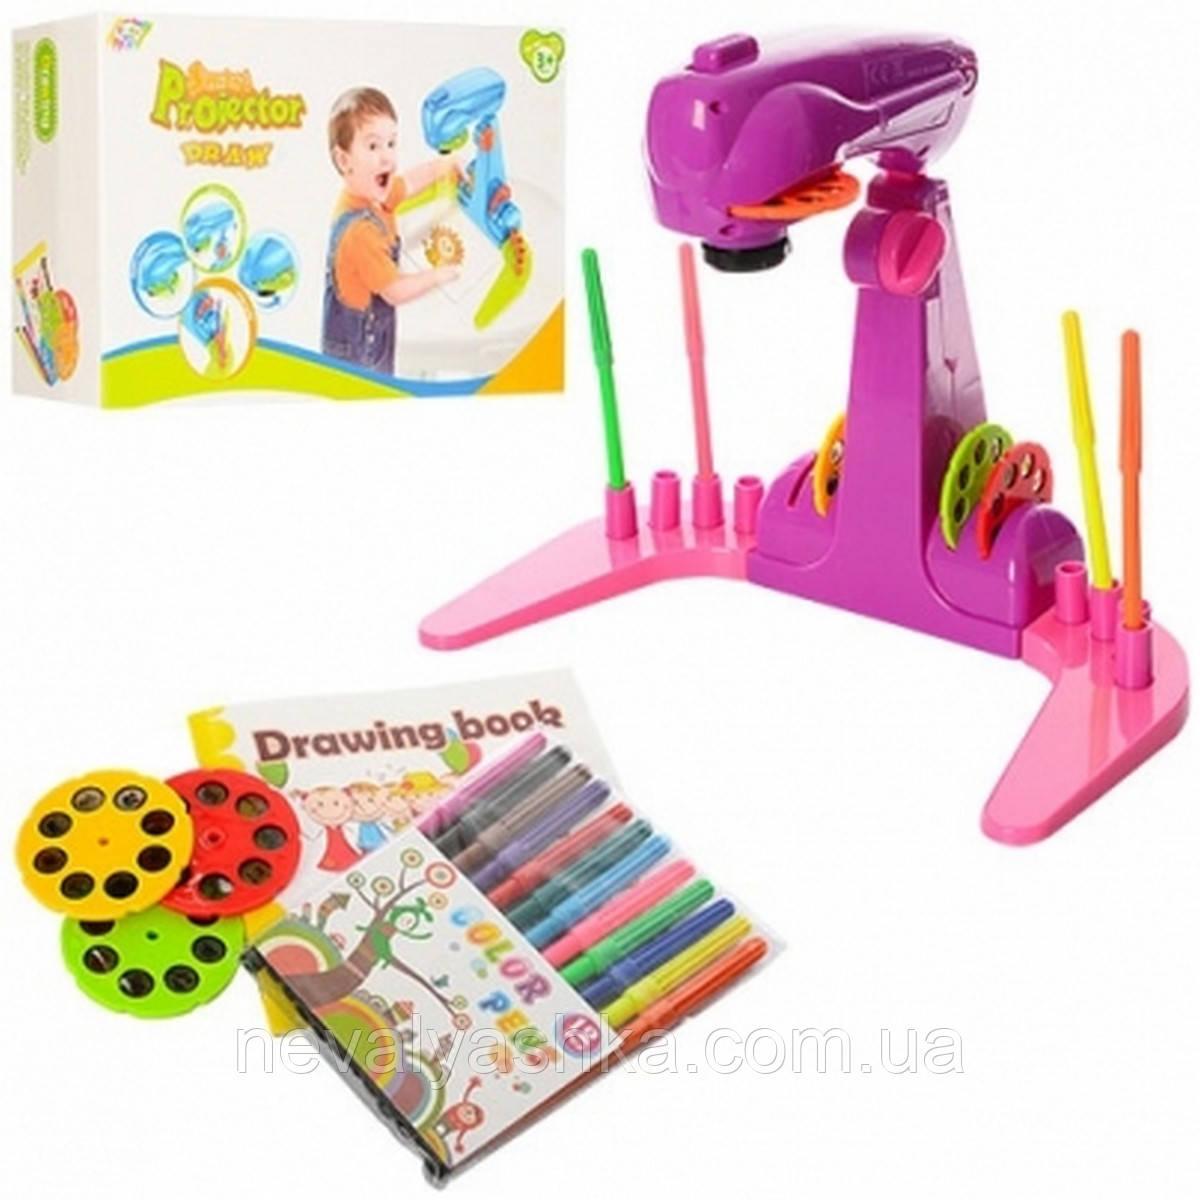 Проектор для рисования фиолетовый YM133-134, 004011